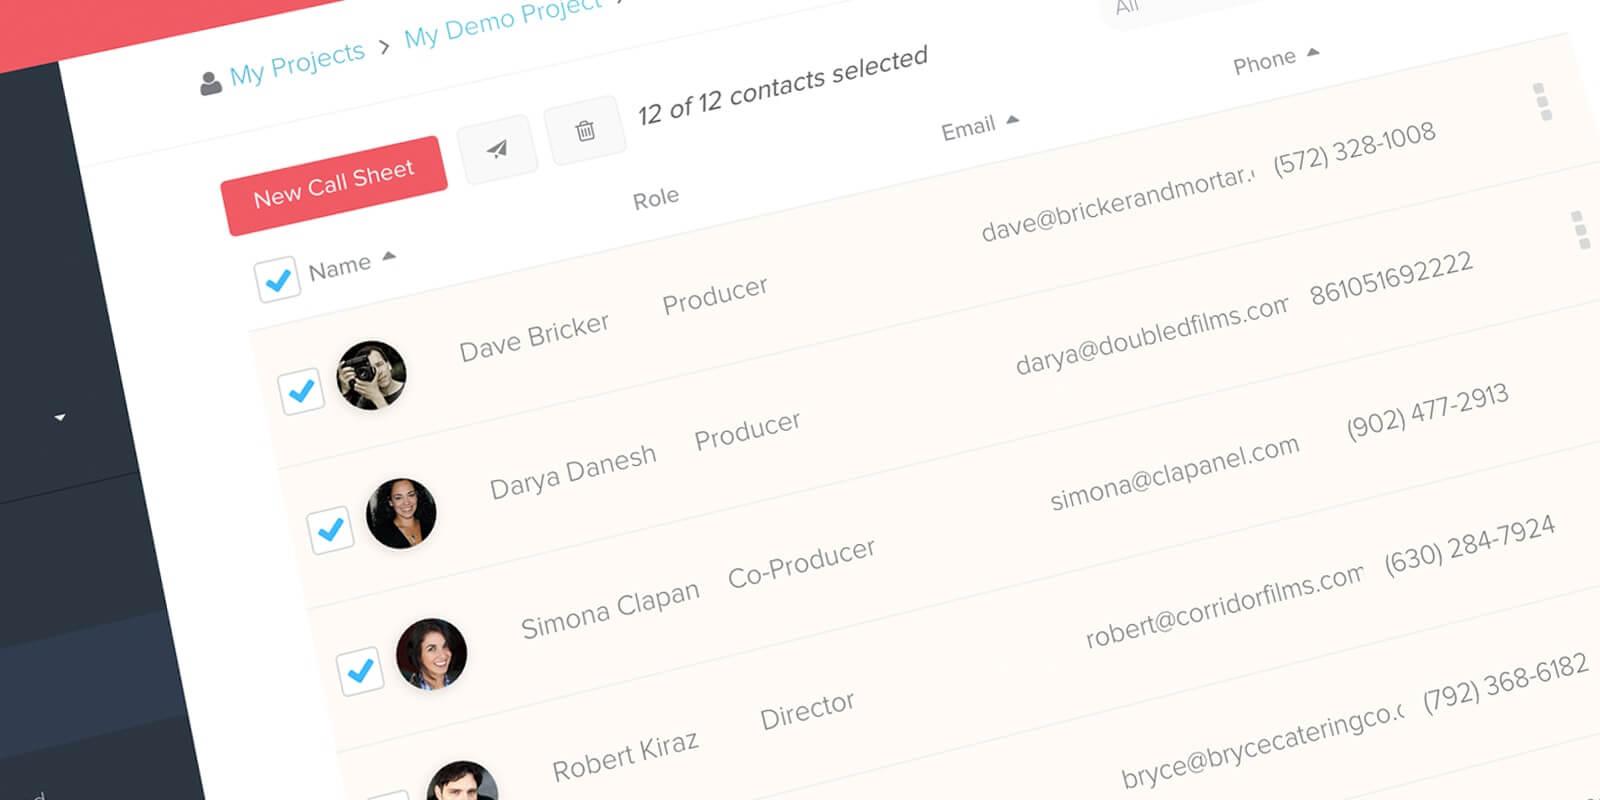 Call Sheet Template Software - Cast List and Film Crew List - StudioBinder